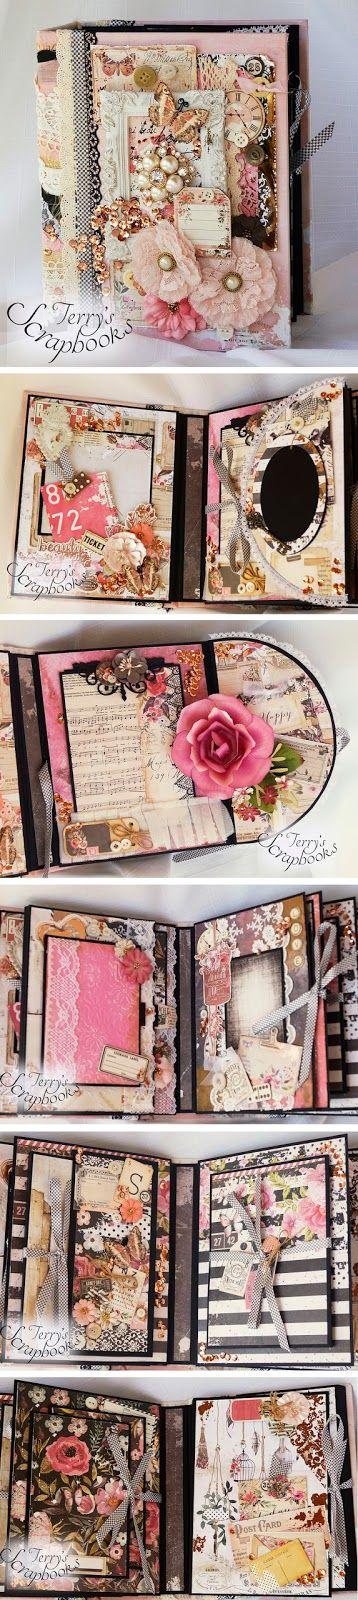 Terry's Scrapbooks: Prima Rossibelle Scrapbook Mini Photo Album Reneab...